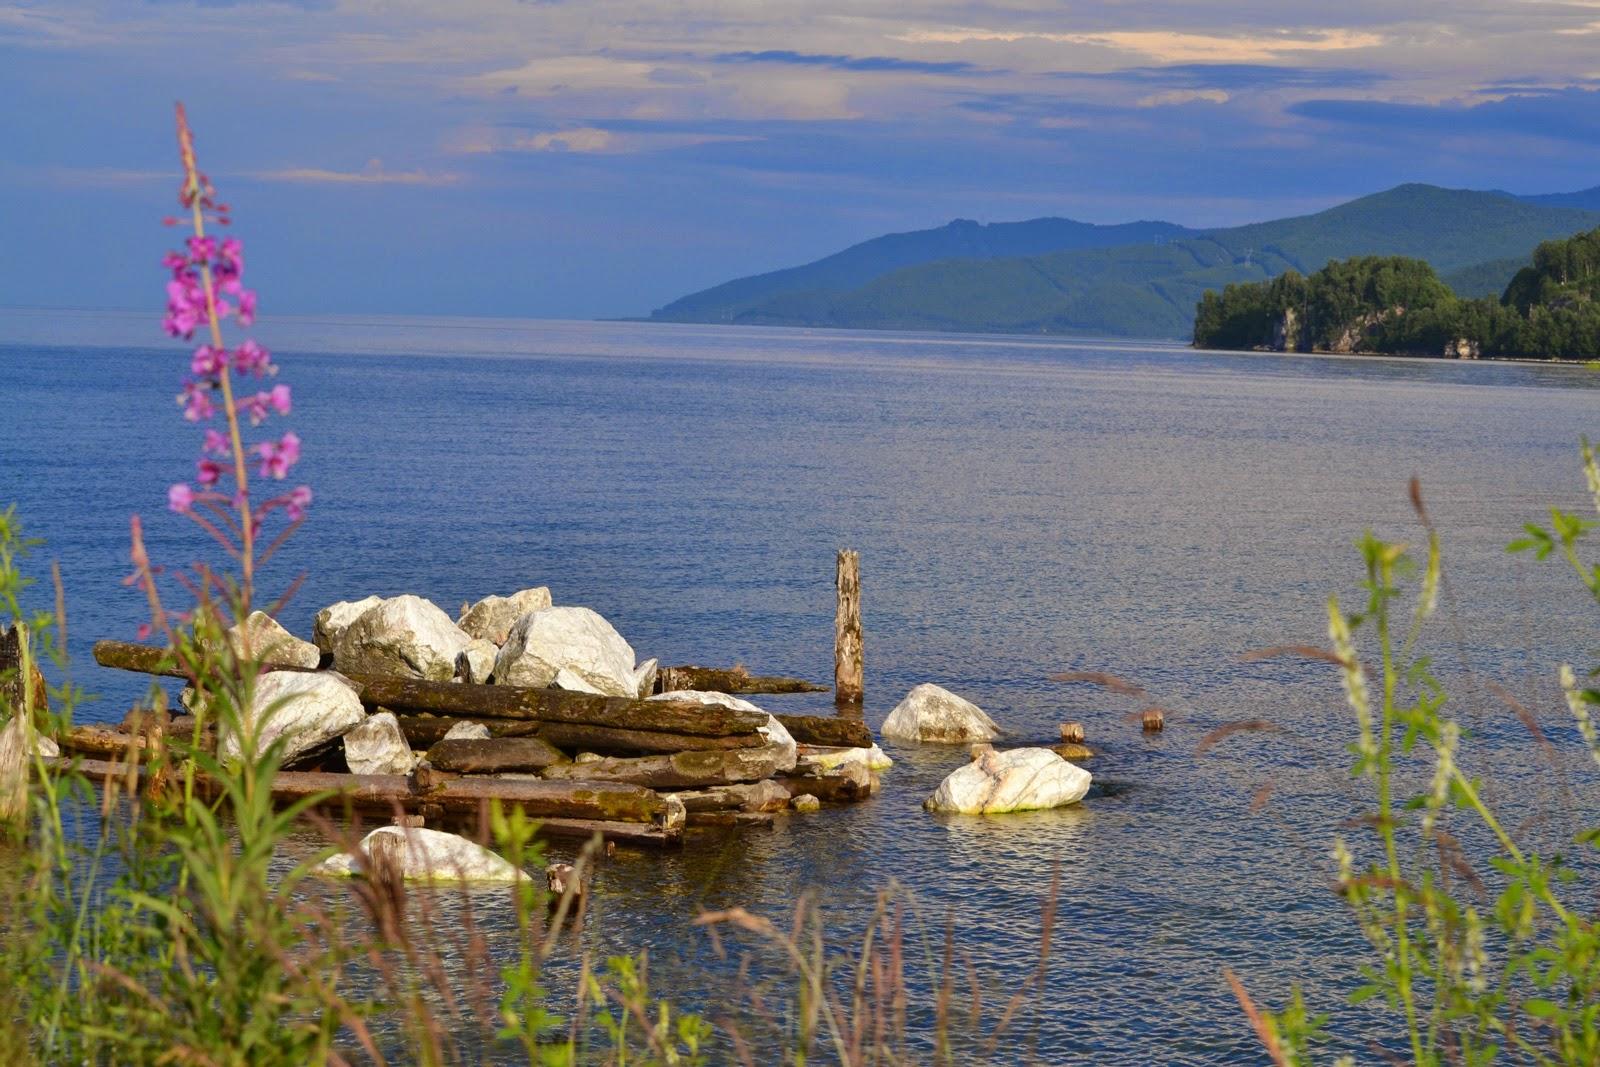 Λίμνη Βαϊκάλη - Μέρος 3ο.